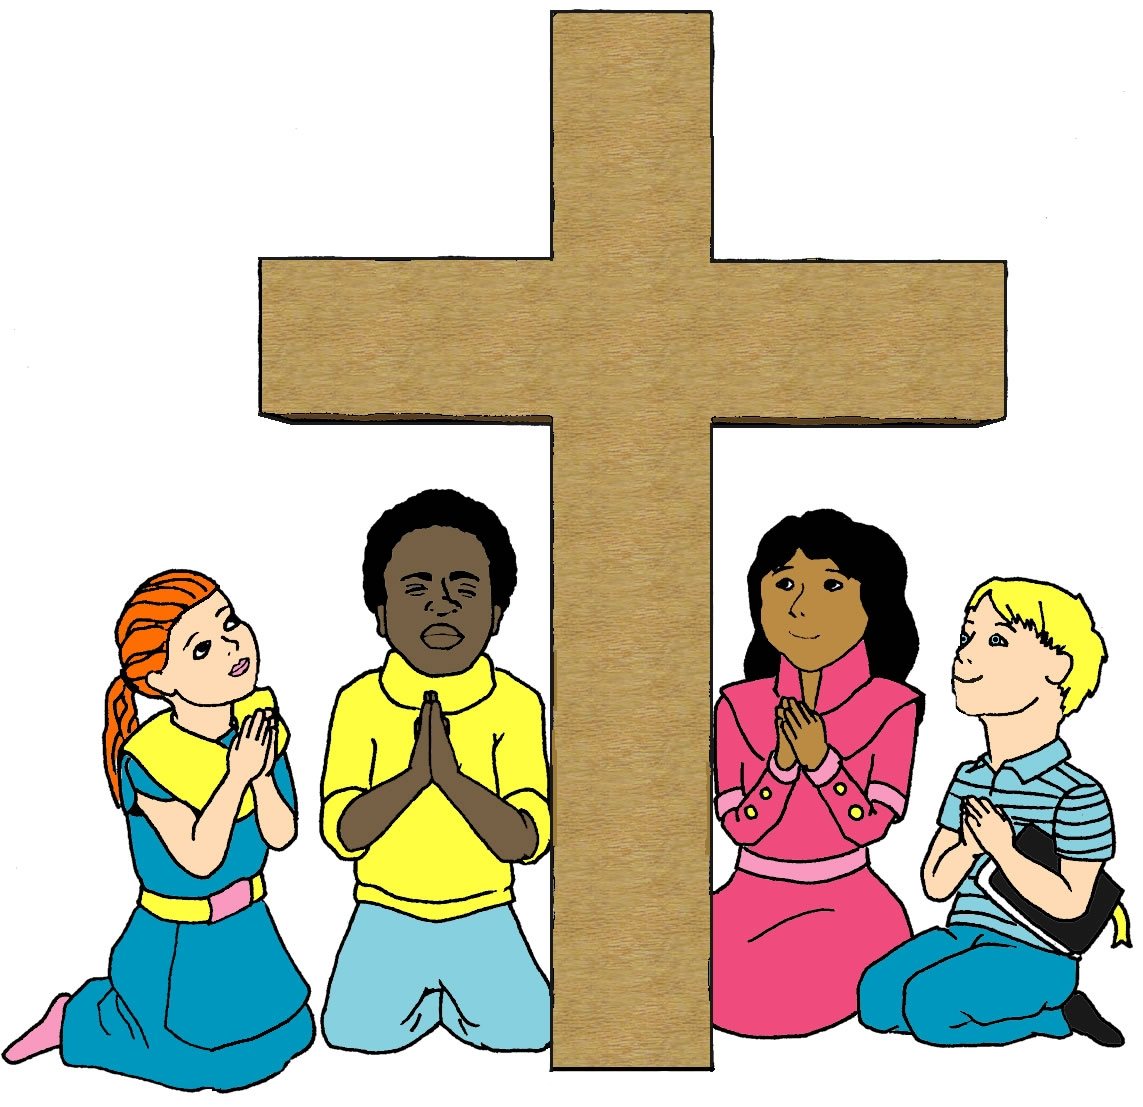 Jesus Deah On The Cross Kids Story